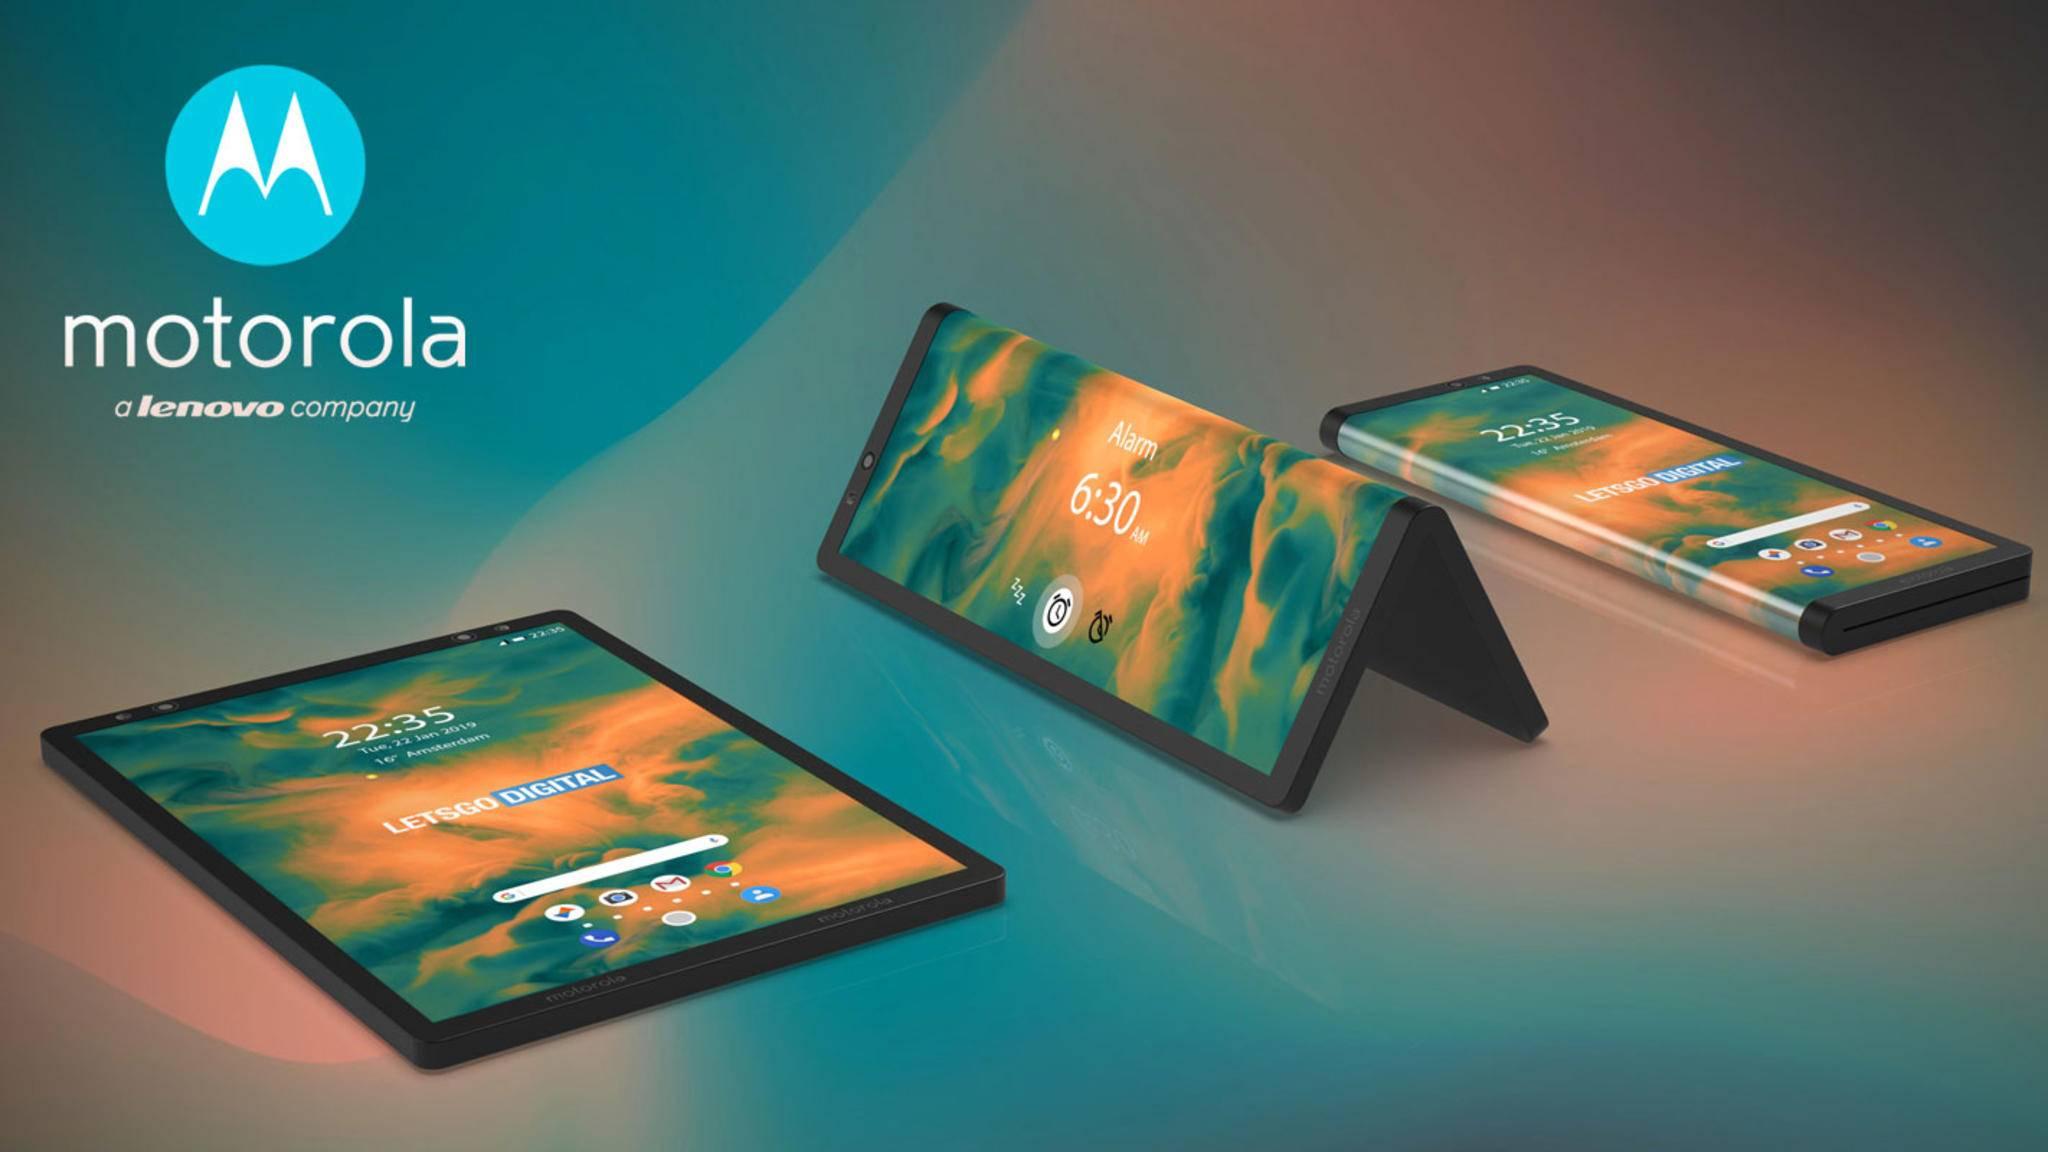 Das neue Motorola Razr wird wohl nur mit Mittelklasse Hardware erscheinen, ist aber deutlich günstiger.